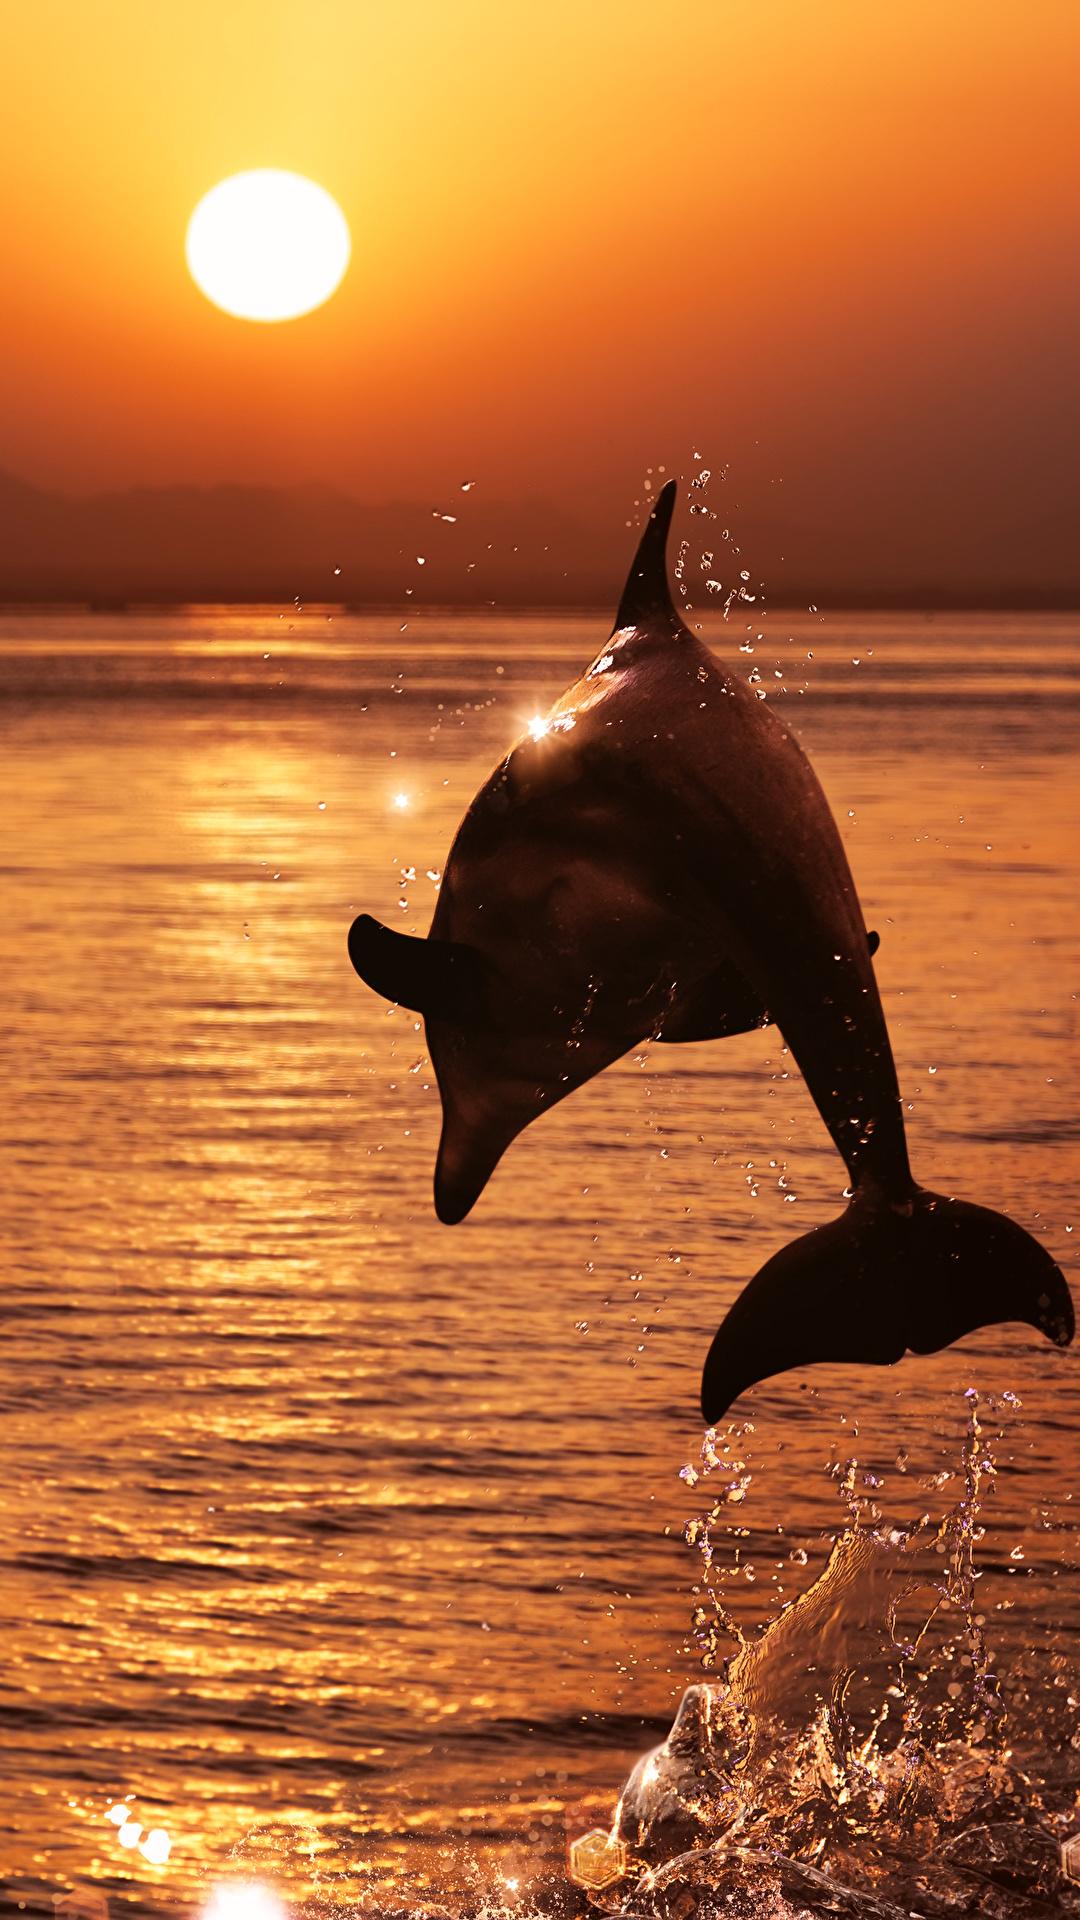 Foto Delfine Meer Sonne Sprung Sonnenaufgänge und Sonnenuntergänge Tiere 1080x1920